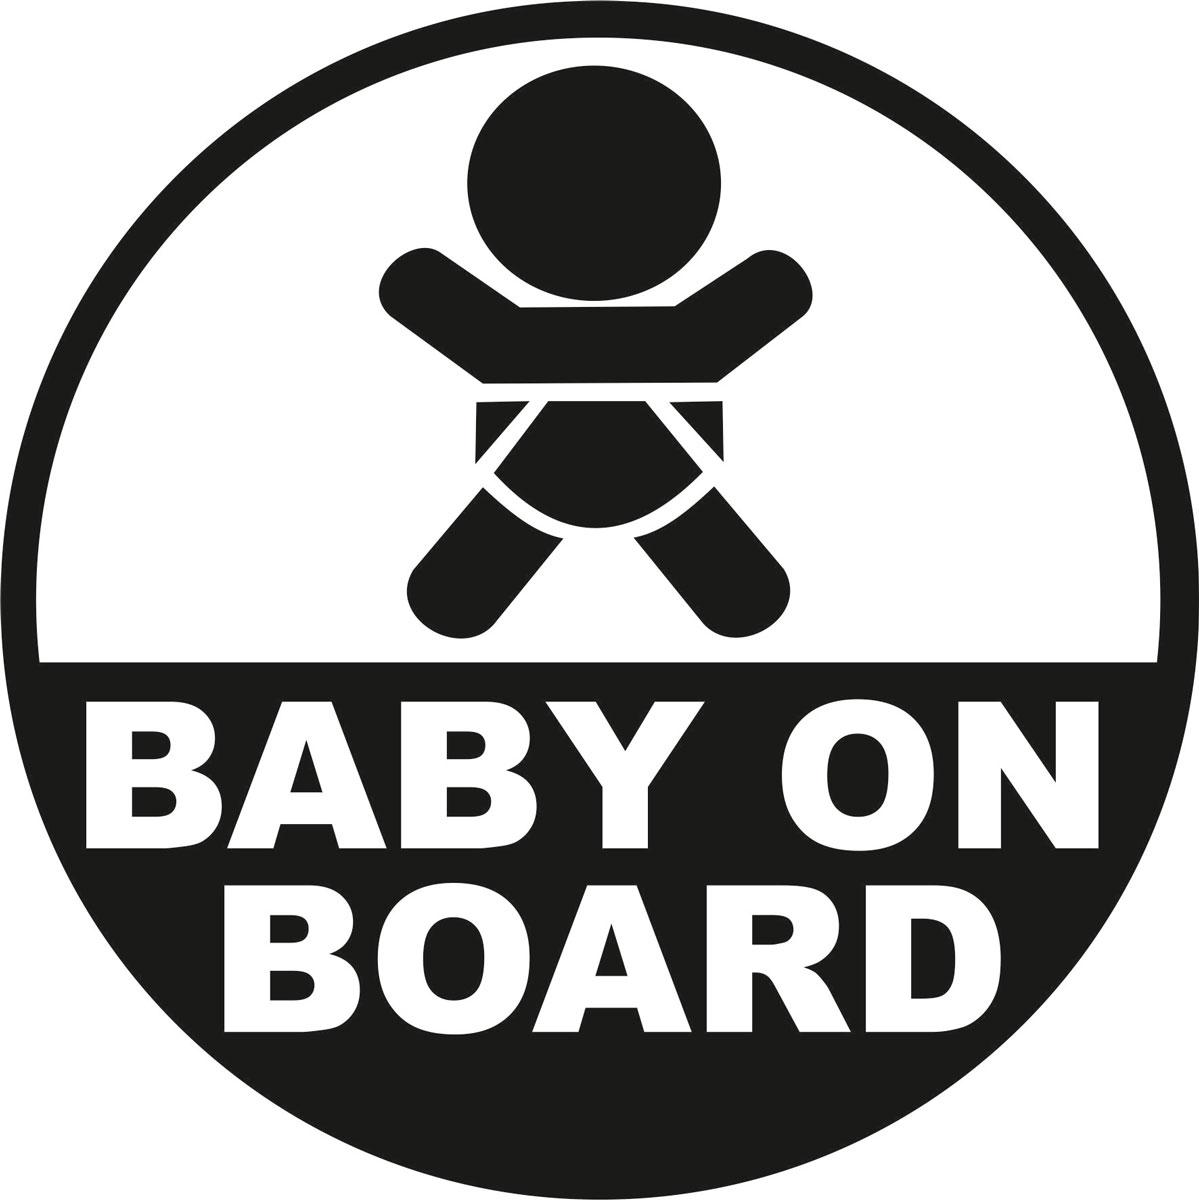 Наклейка автомобильная Оранжевый слоник Baby on Board. Круг, виниловая, цвет: черный150RM0007BОригинальная наклейка Оранжевый слоник Baby on Board. Круг изготовлена из долговечного винила, который выполняет не только декоративную функцию, но и защищает кузов от небольших механических повреждений, либо скрывает уже существующие. Виниловые наклейки на авто - это не только красиво, но еще и быстро! Всего за несколько минут вы можете полностью преобразить свой автомобиль, сделать его ярким, необычным, особенным и неповторимым!